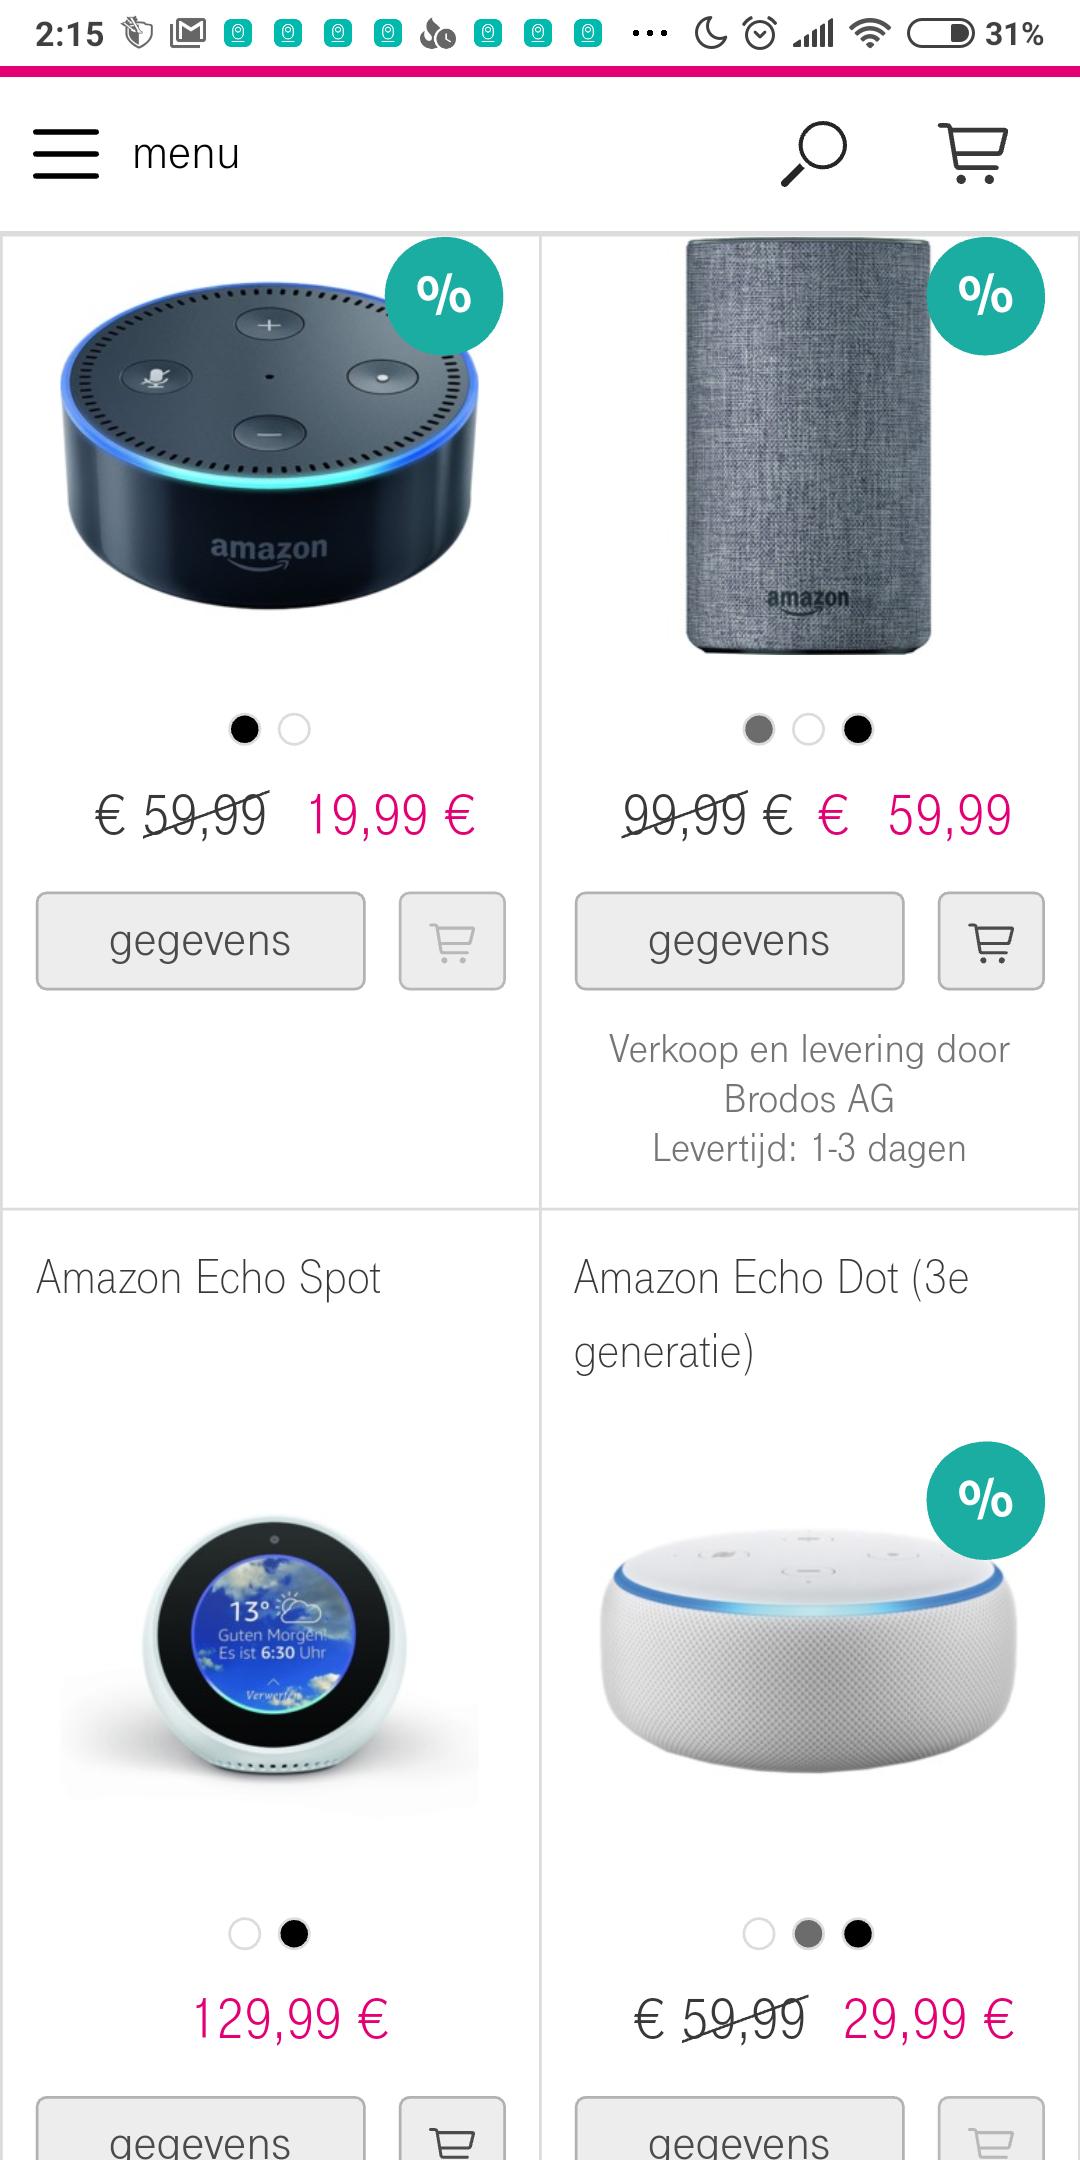 Grensdeal: Amazon Echo Dot v2 19,99 en de v3 voor 29,99